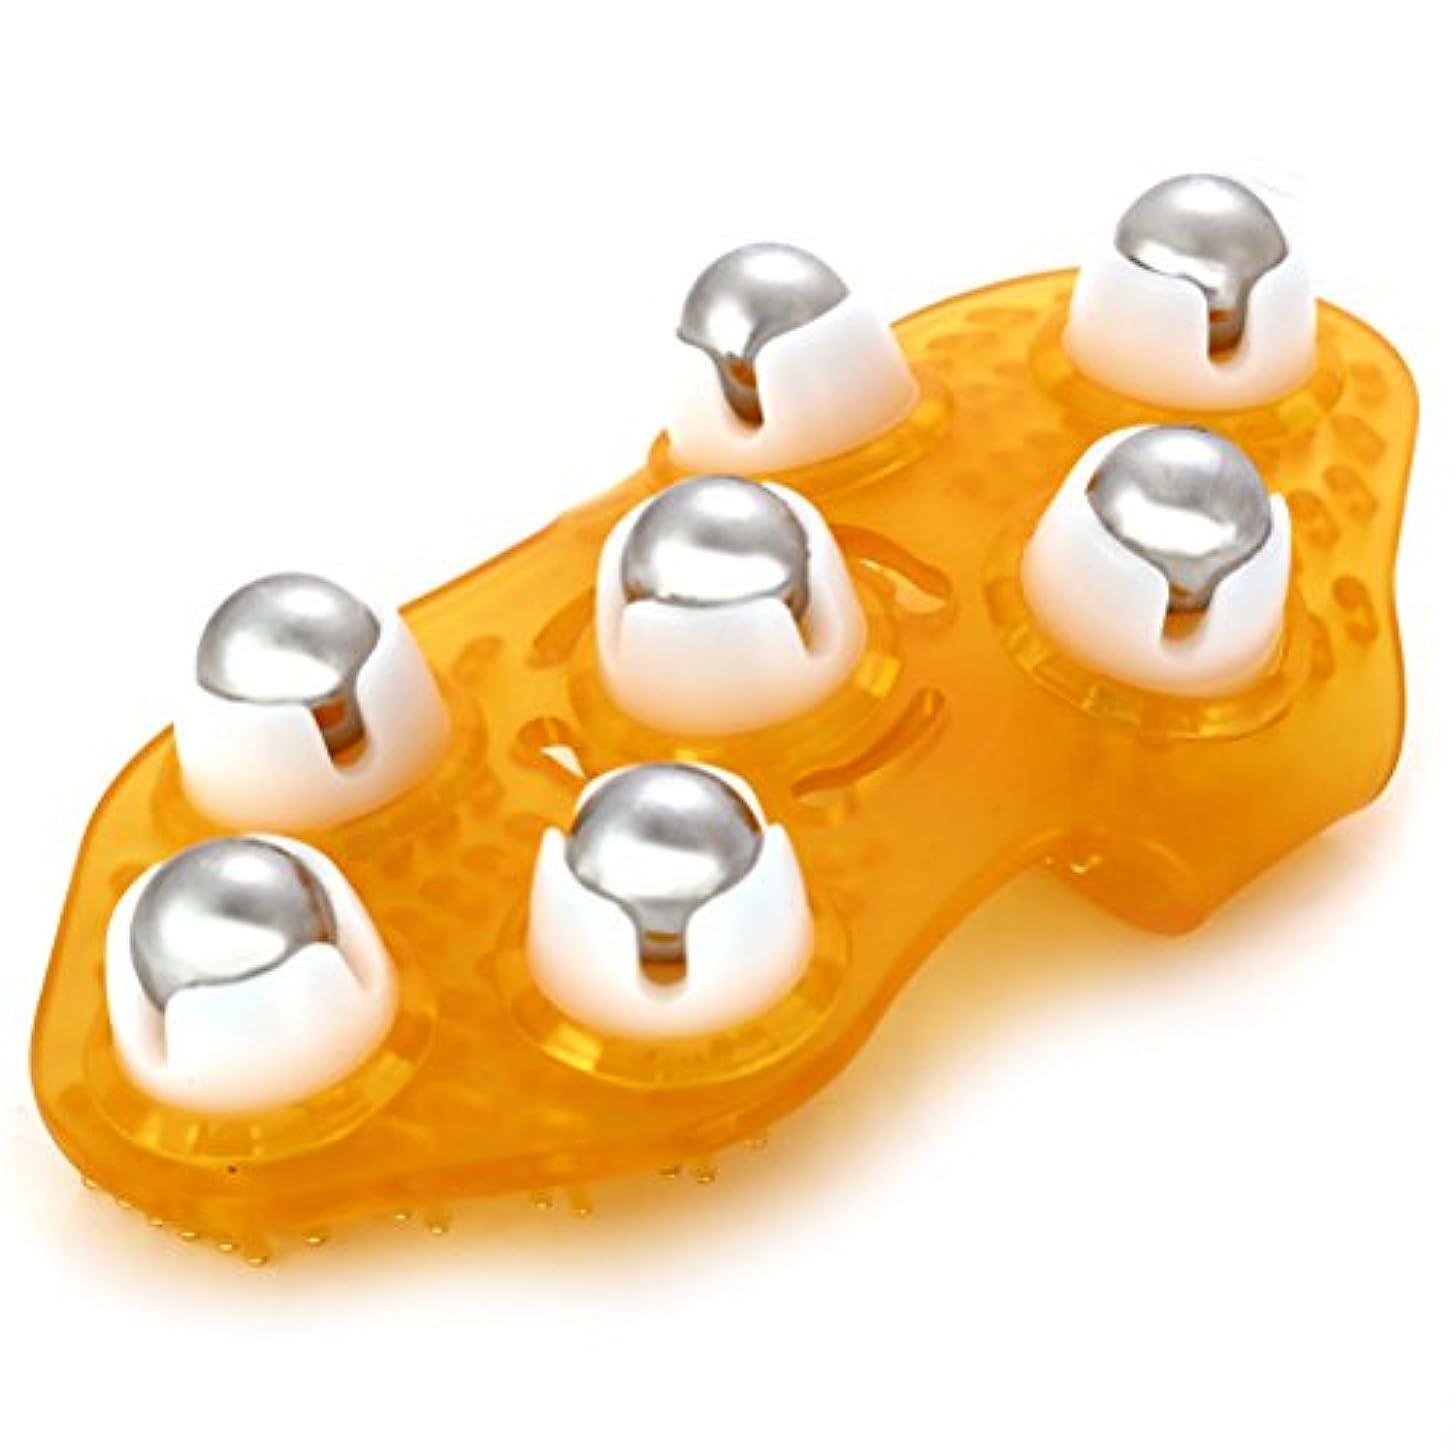 成功まぶしさ教えてROSENICE マッサージグローブ ボディ用 多機能マッサージ器具 360度鋼ローリングボール(ランダムカラー)